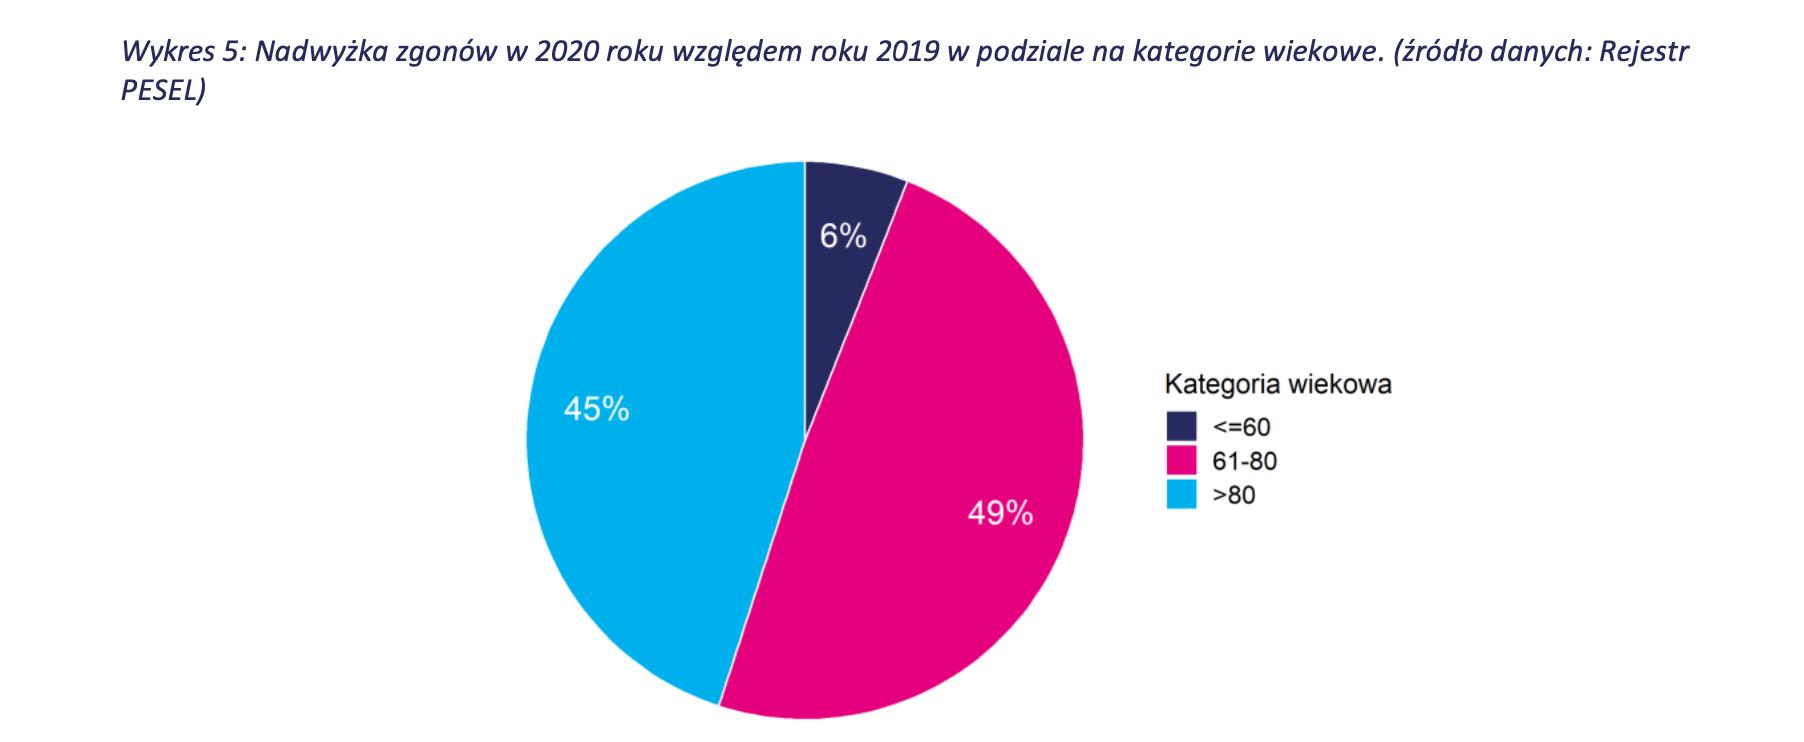 wykres: podział wiekowy nadmiarowych zgonów 2020